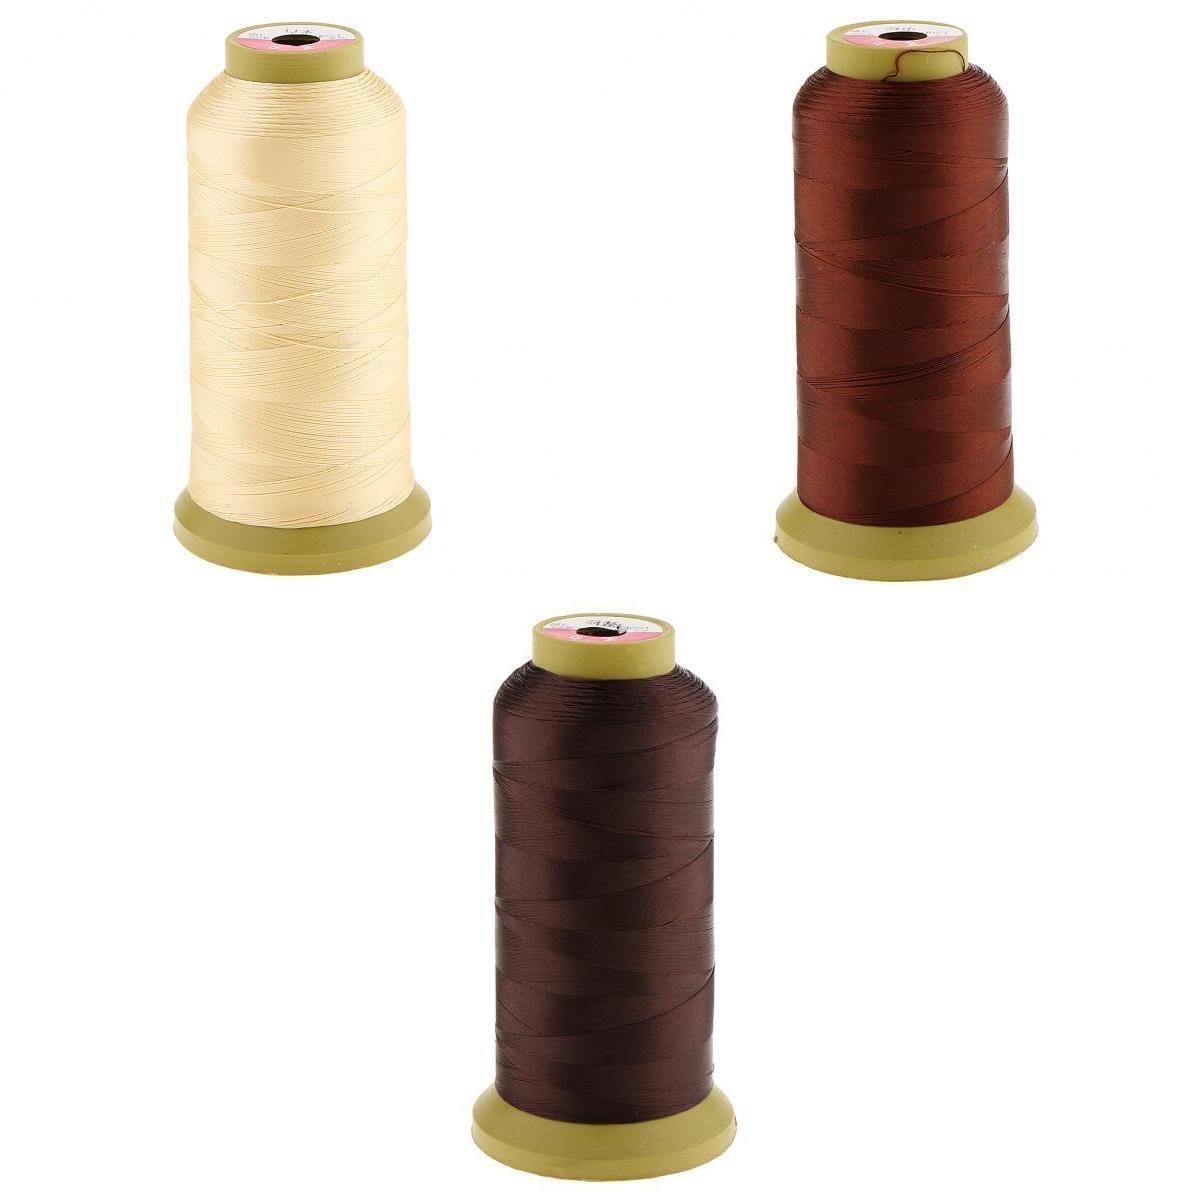 MagiDeal 3 Pezzi Di Capelli Per Cucire / Treccia / Tessitura Frangia Estensione Parrucca Decorazione Filo 0, 2mm